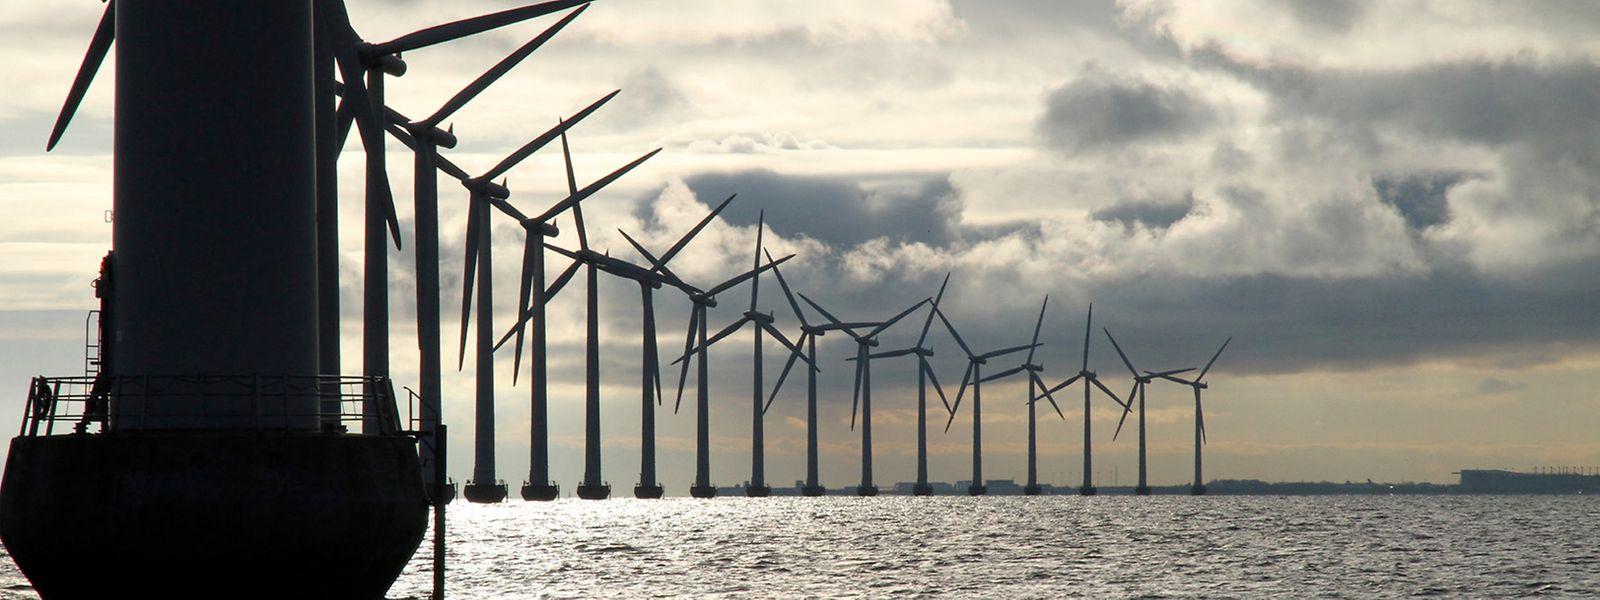 L'Europe mise aussi sur ses sites offshore pour installer ses champs d'éoliennes.